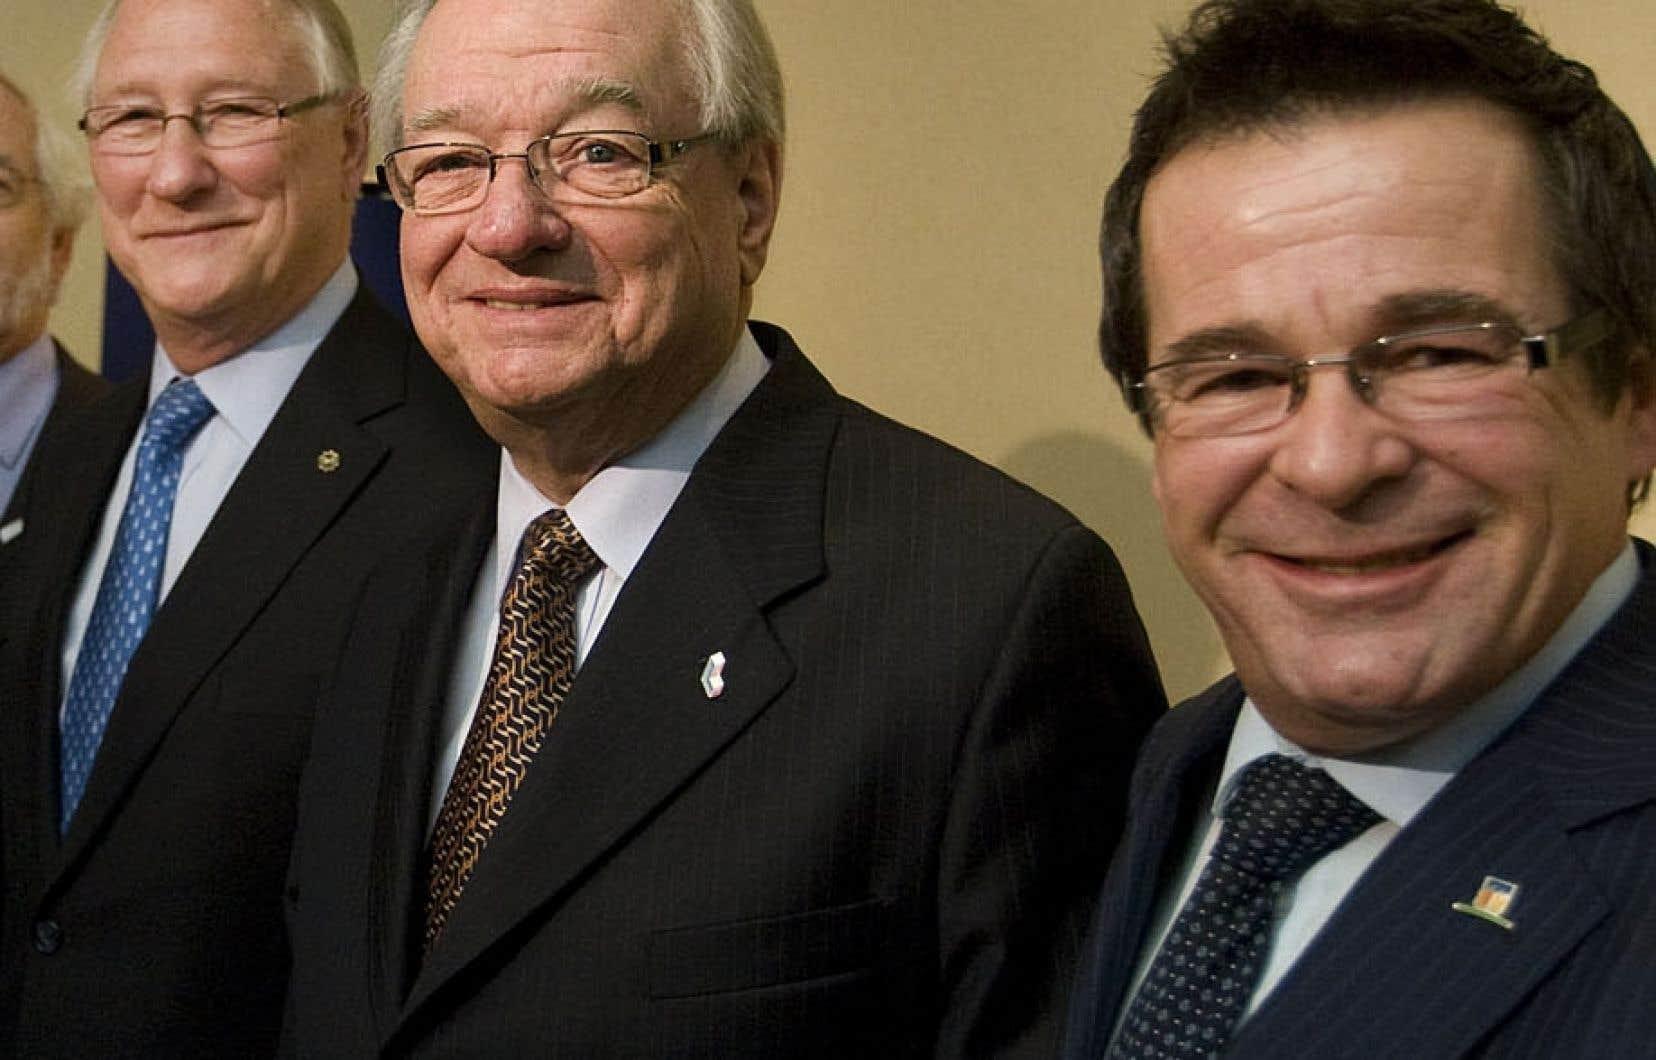 À droite, le maire Jean-Marc Robitaille apparaît en 2011 à côté des ex-maires Gilles Vaillancourt (accusé de gangstérisme, au centre) et Gérald Tremblay.